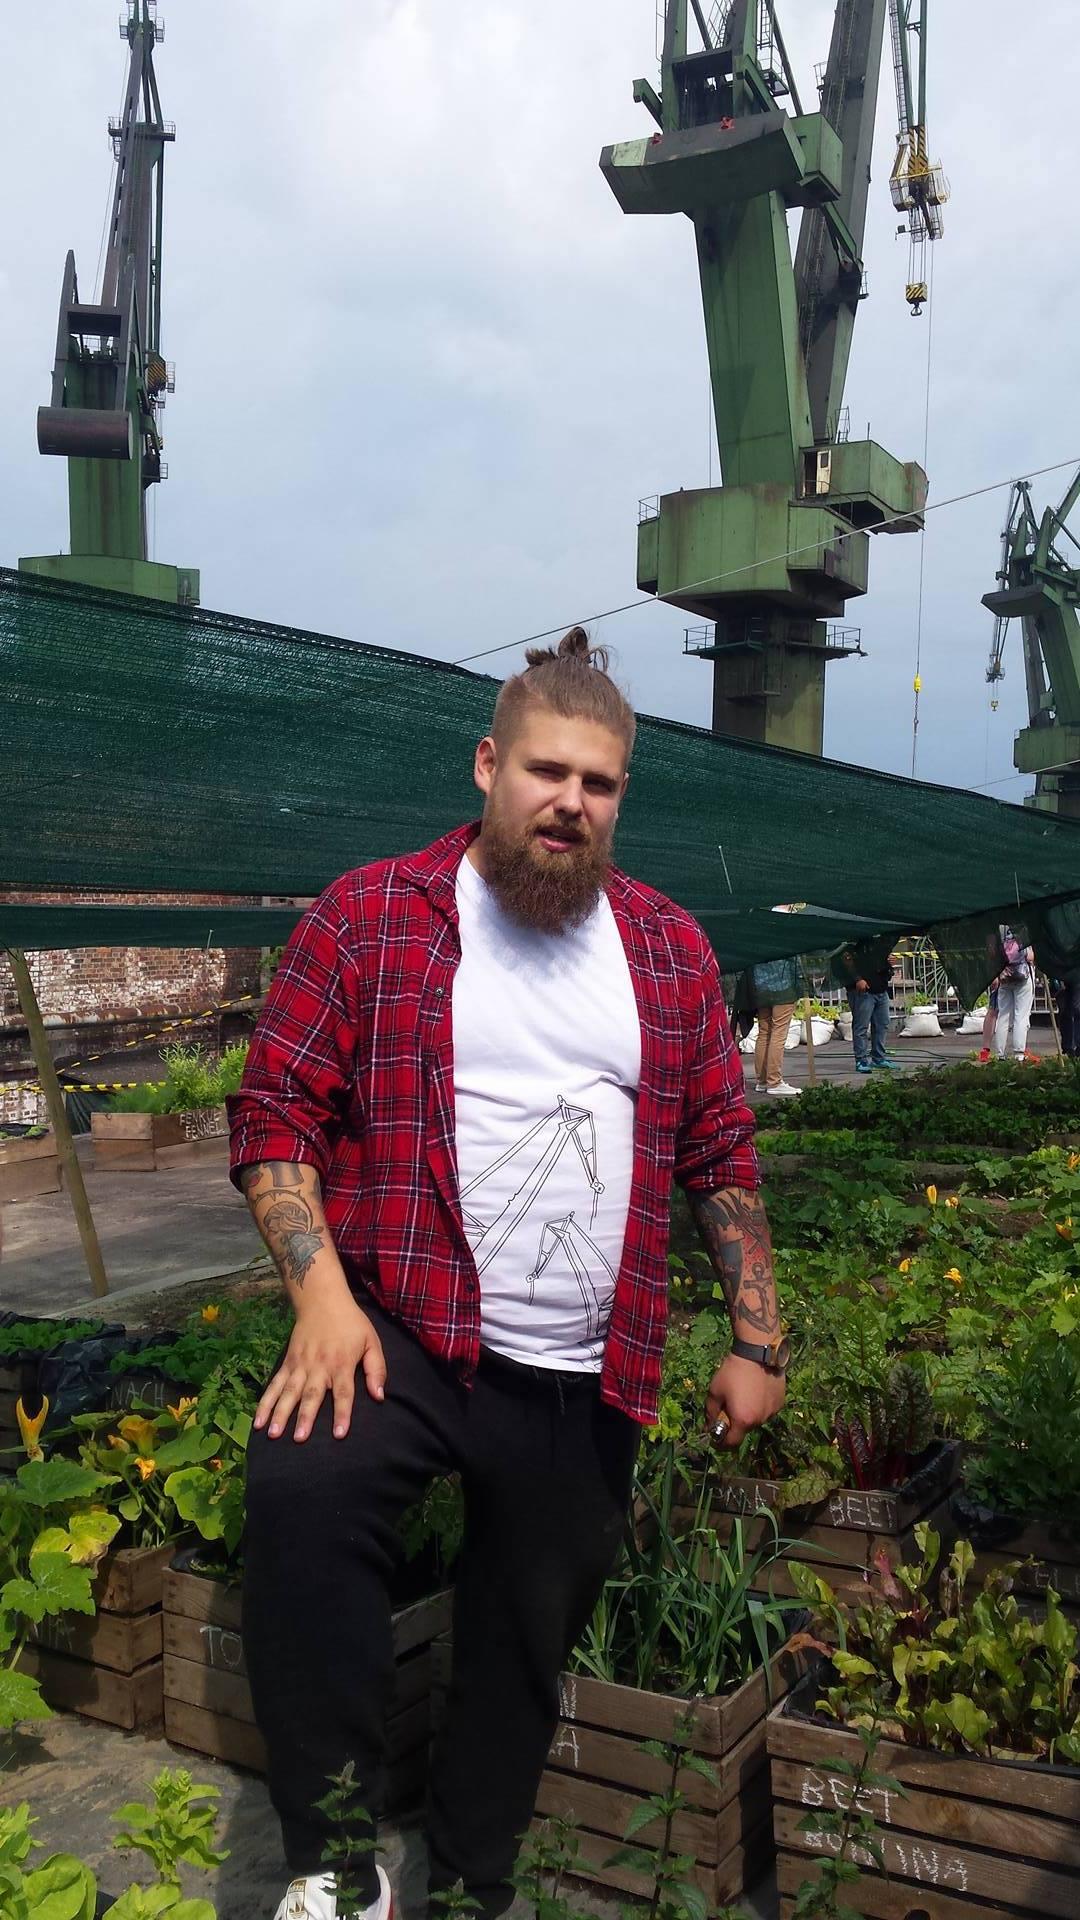 Urban farm in the shipyard